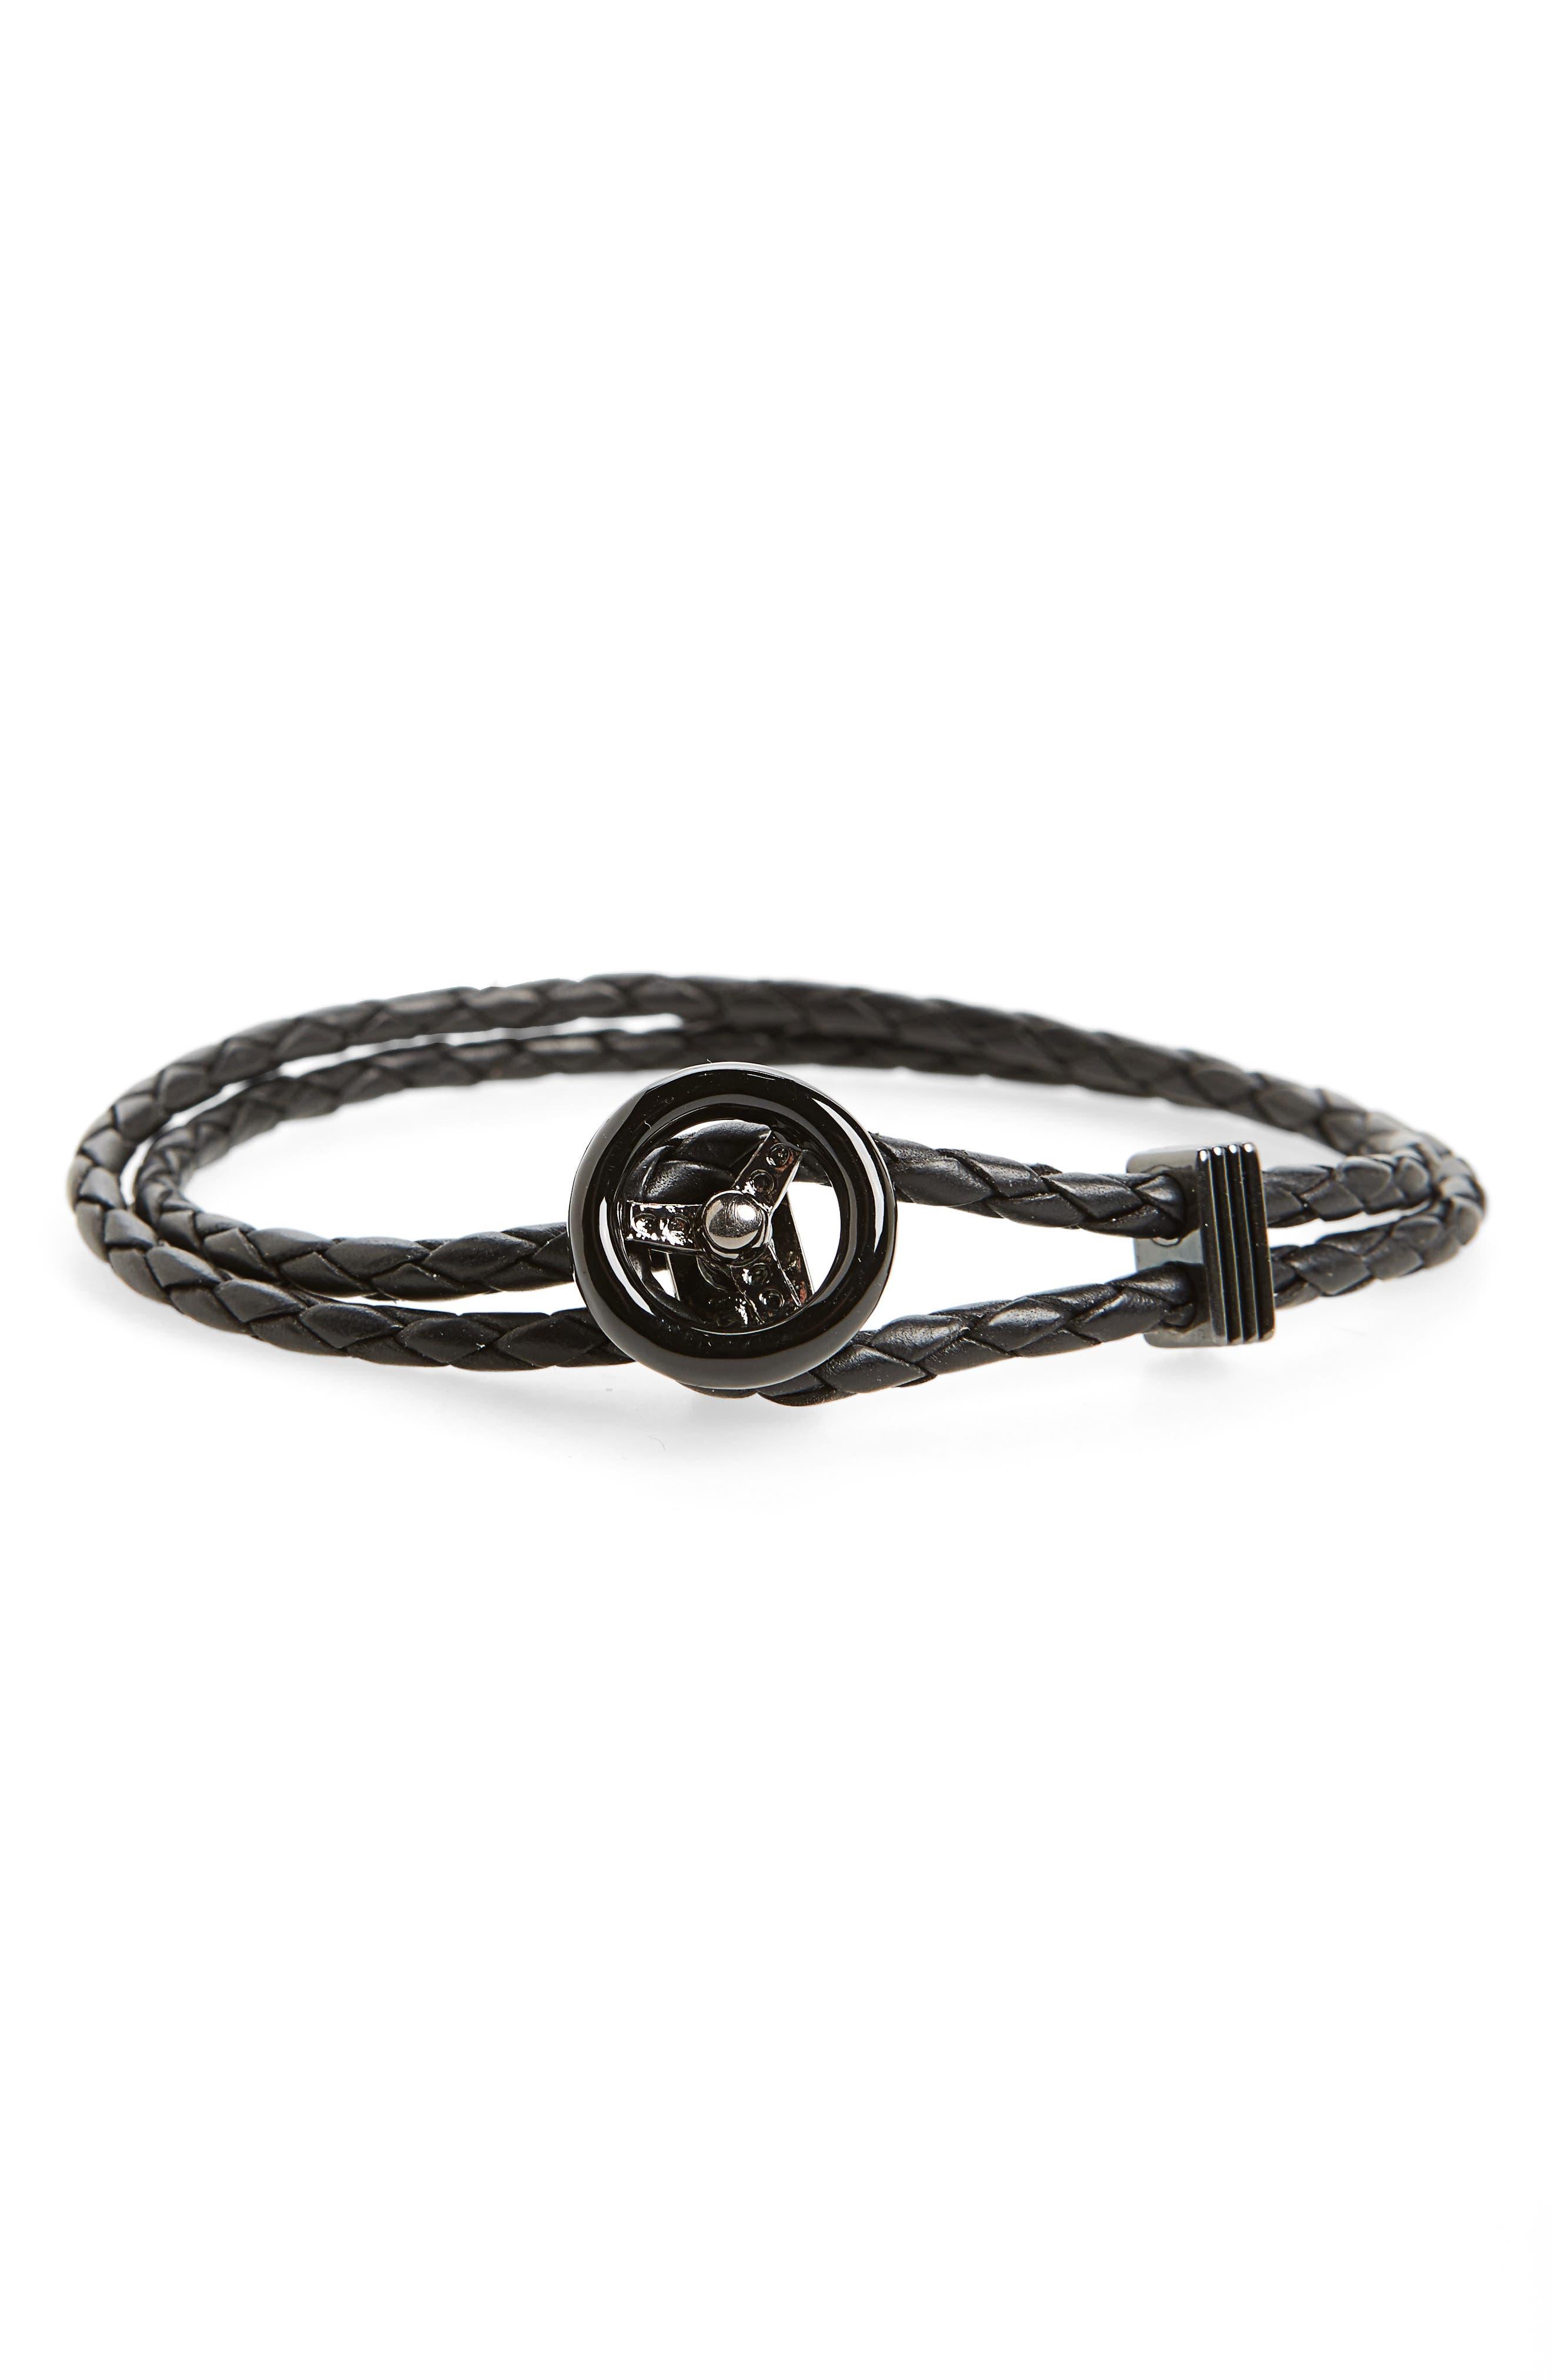 Link Up Steering Wheel Braided Leather Bracelet